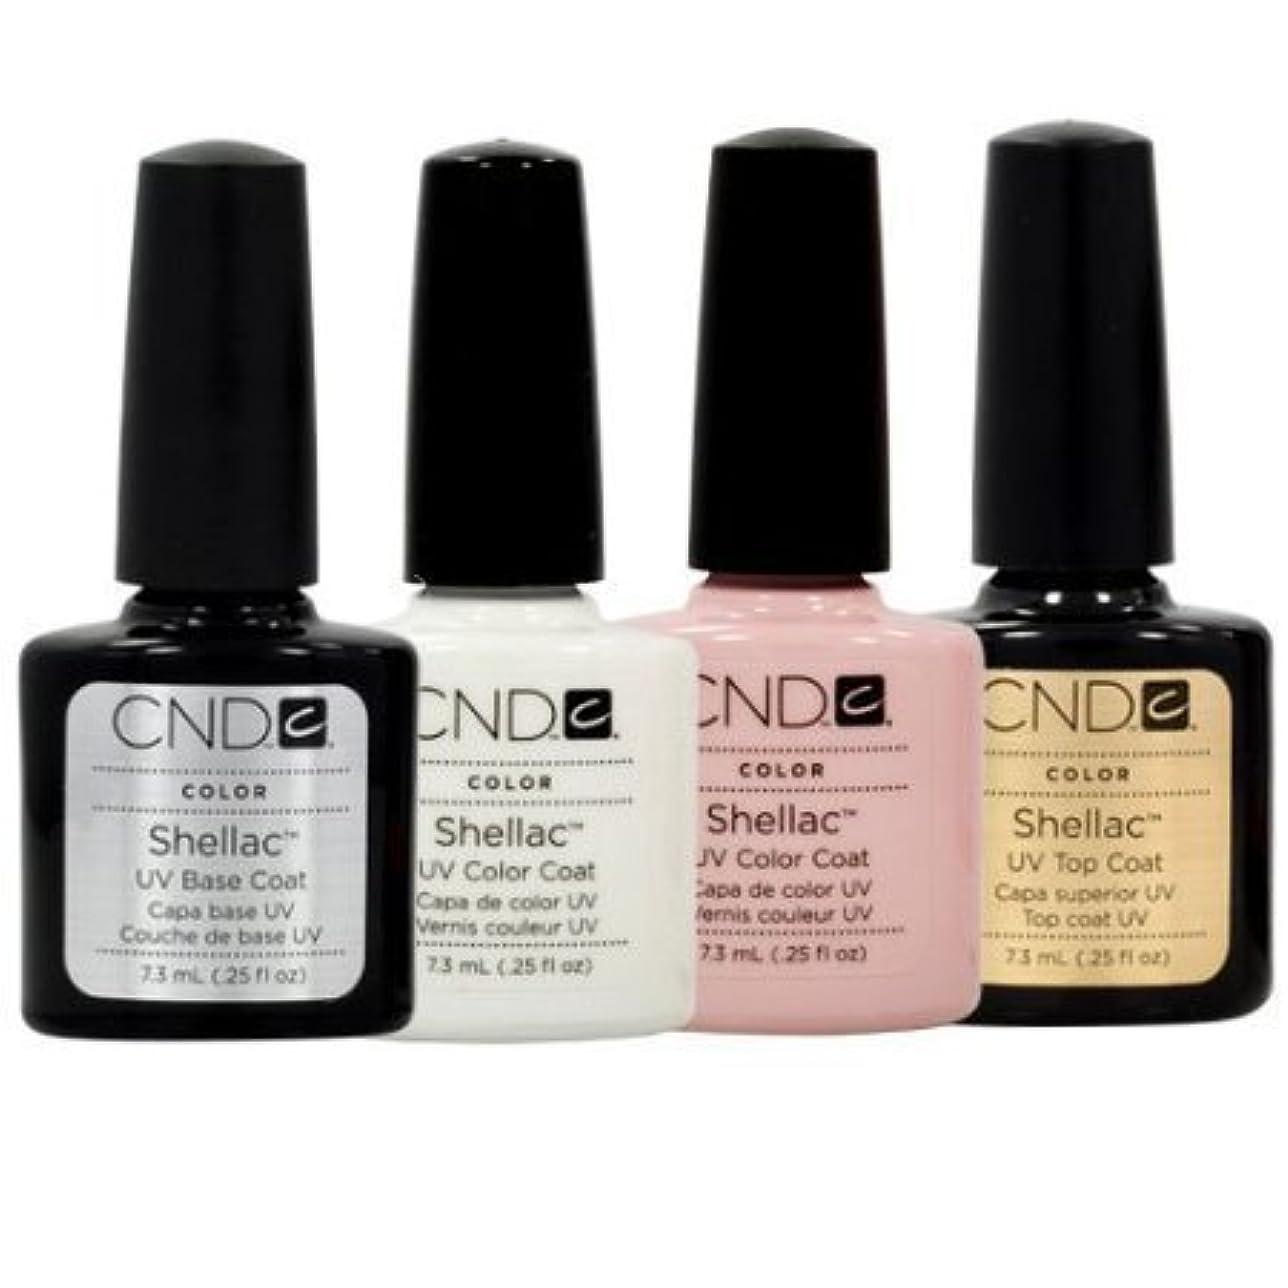 メルボルン集計走るCND Shellac French Manicure Kit Base Top Coat Color White Pink Nail Polish Gel by CND - Creative Nail Design [...